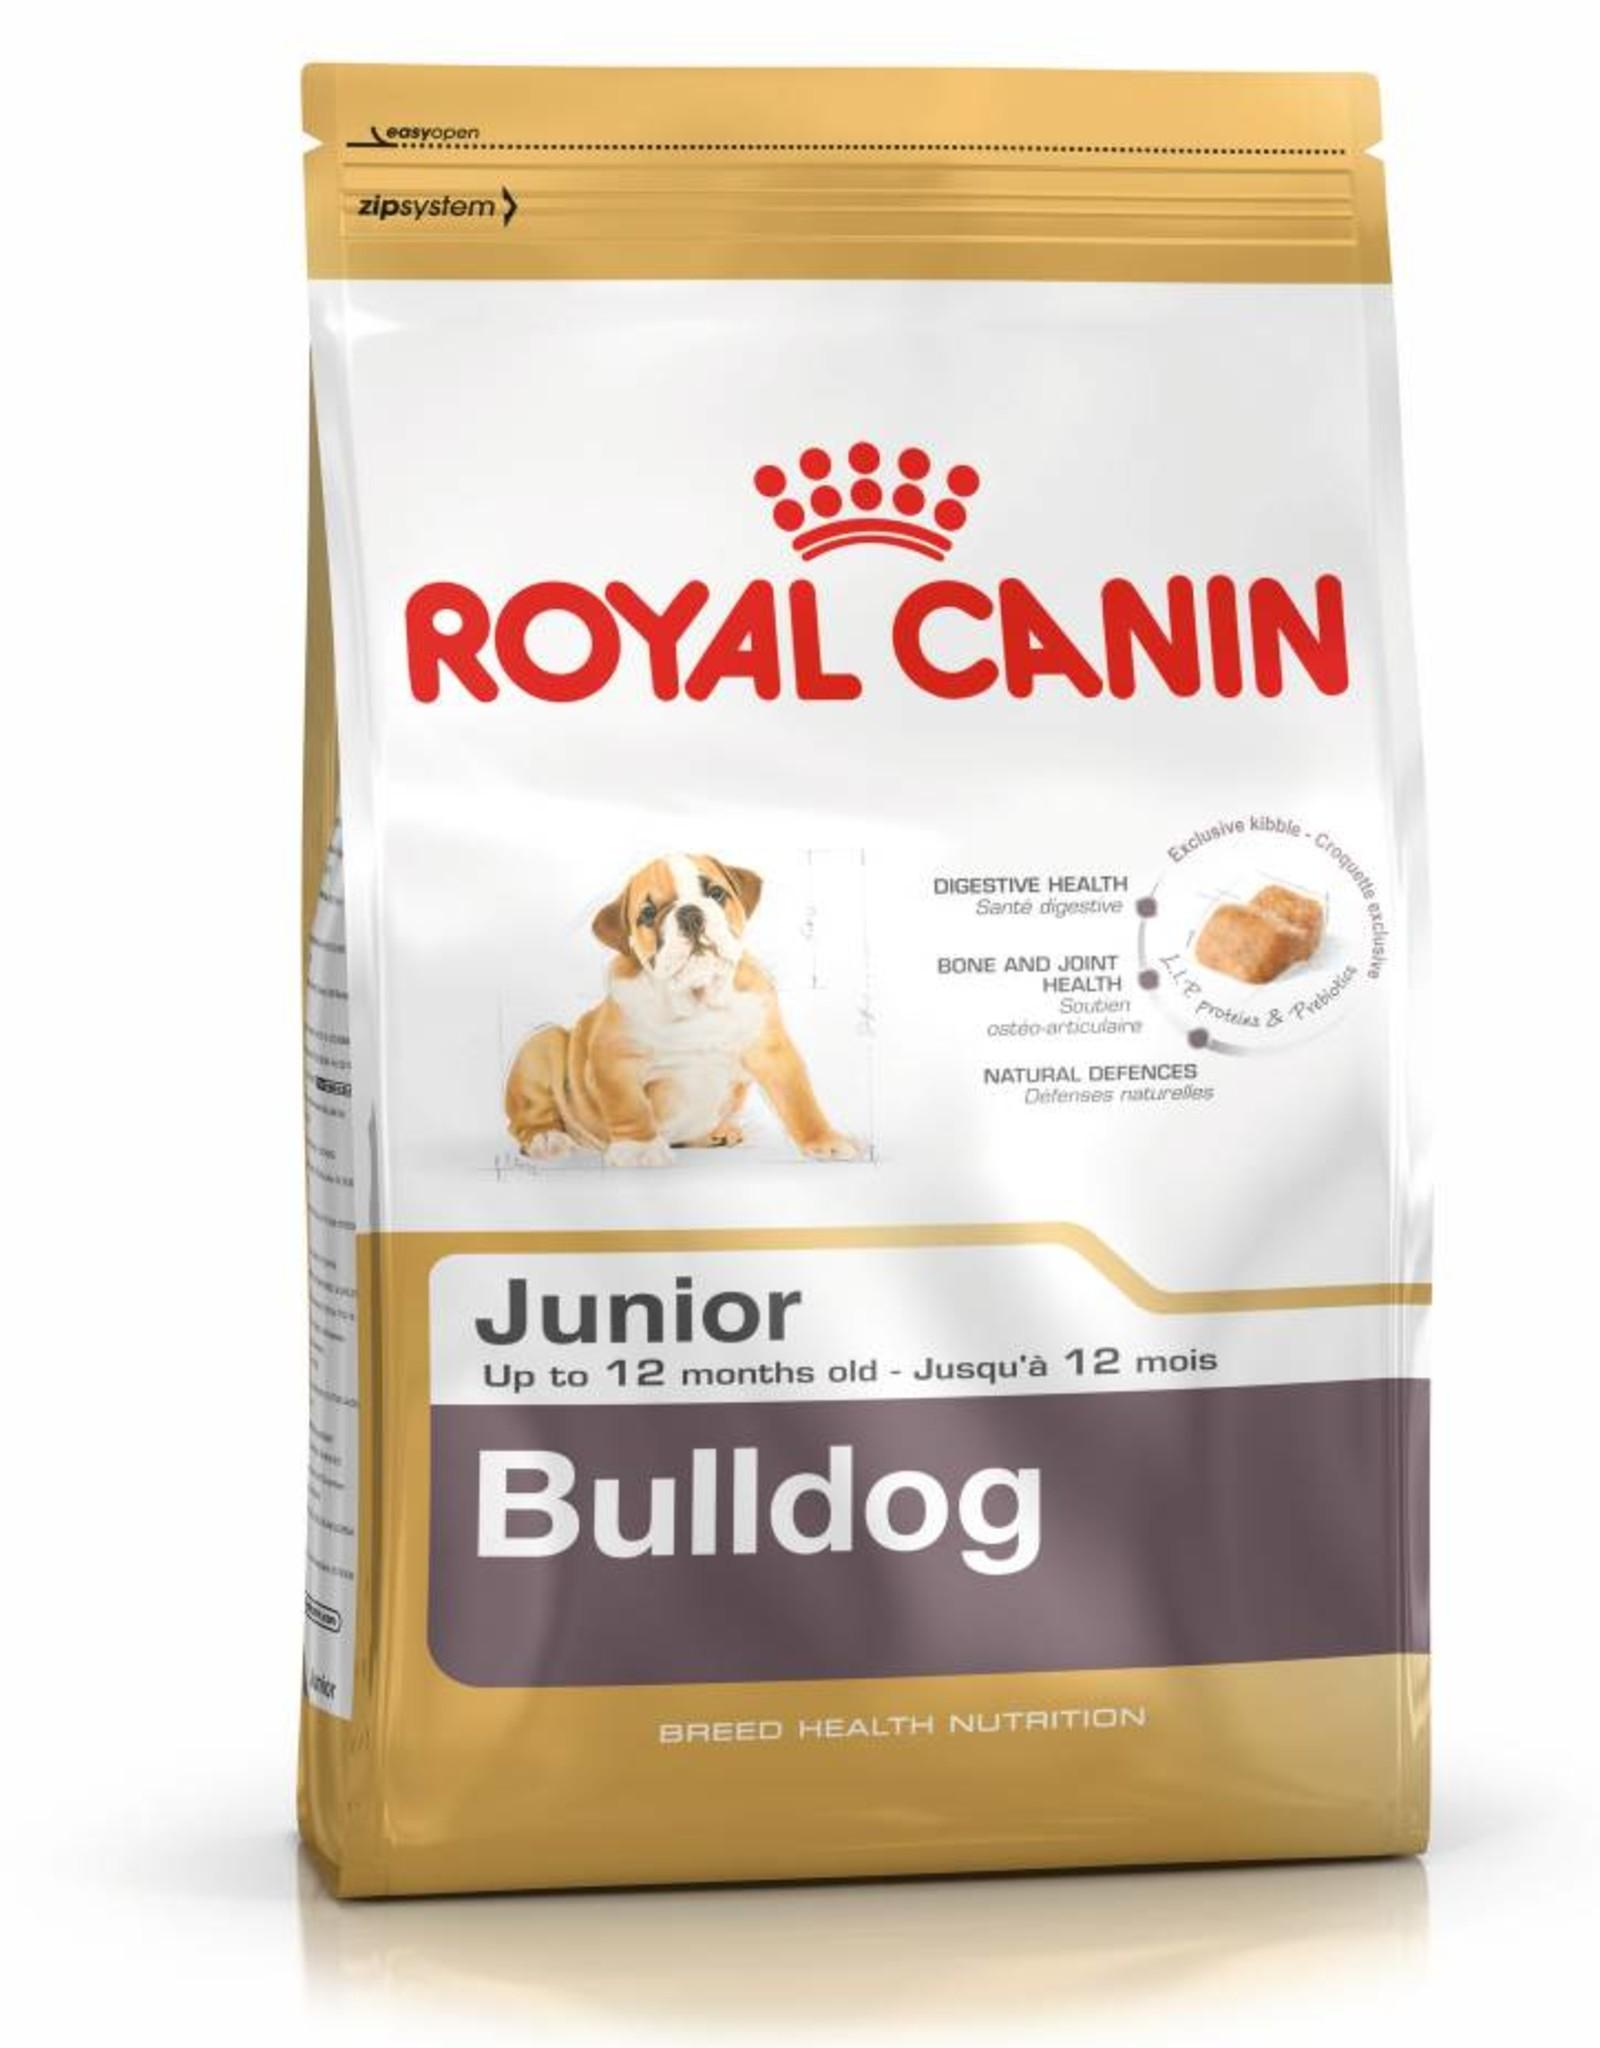 Royal Canin Bulldog Puppy Dog Food